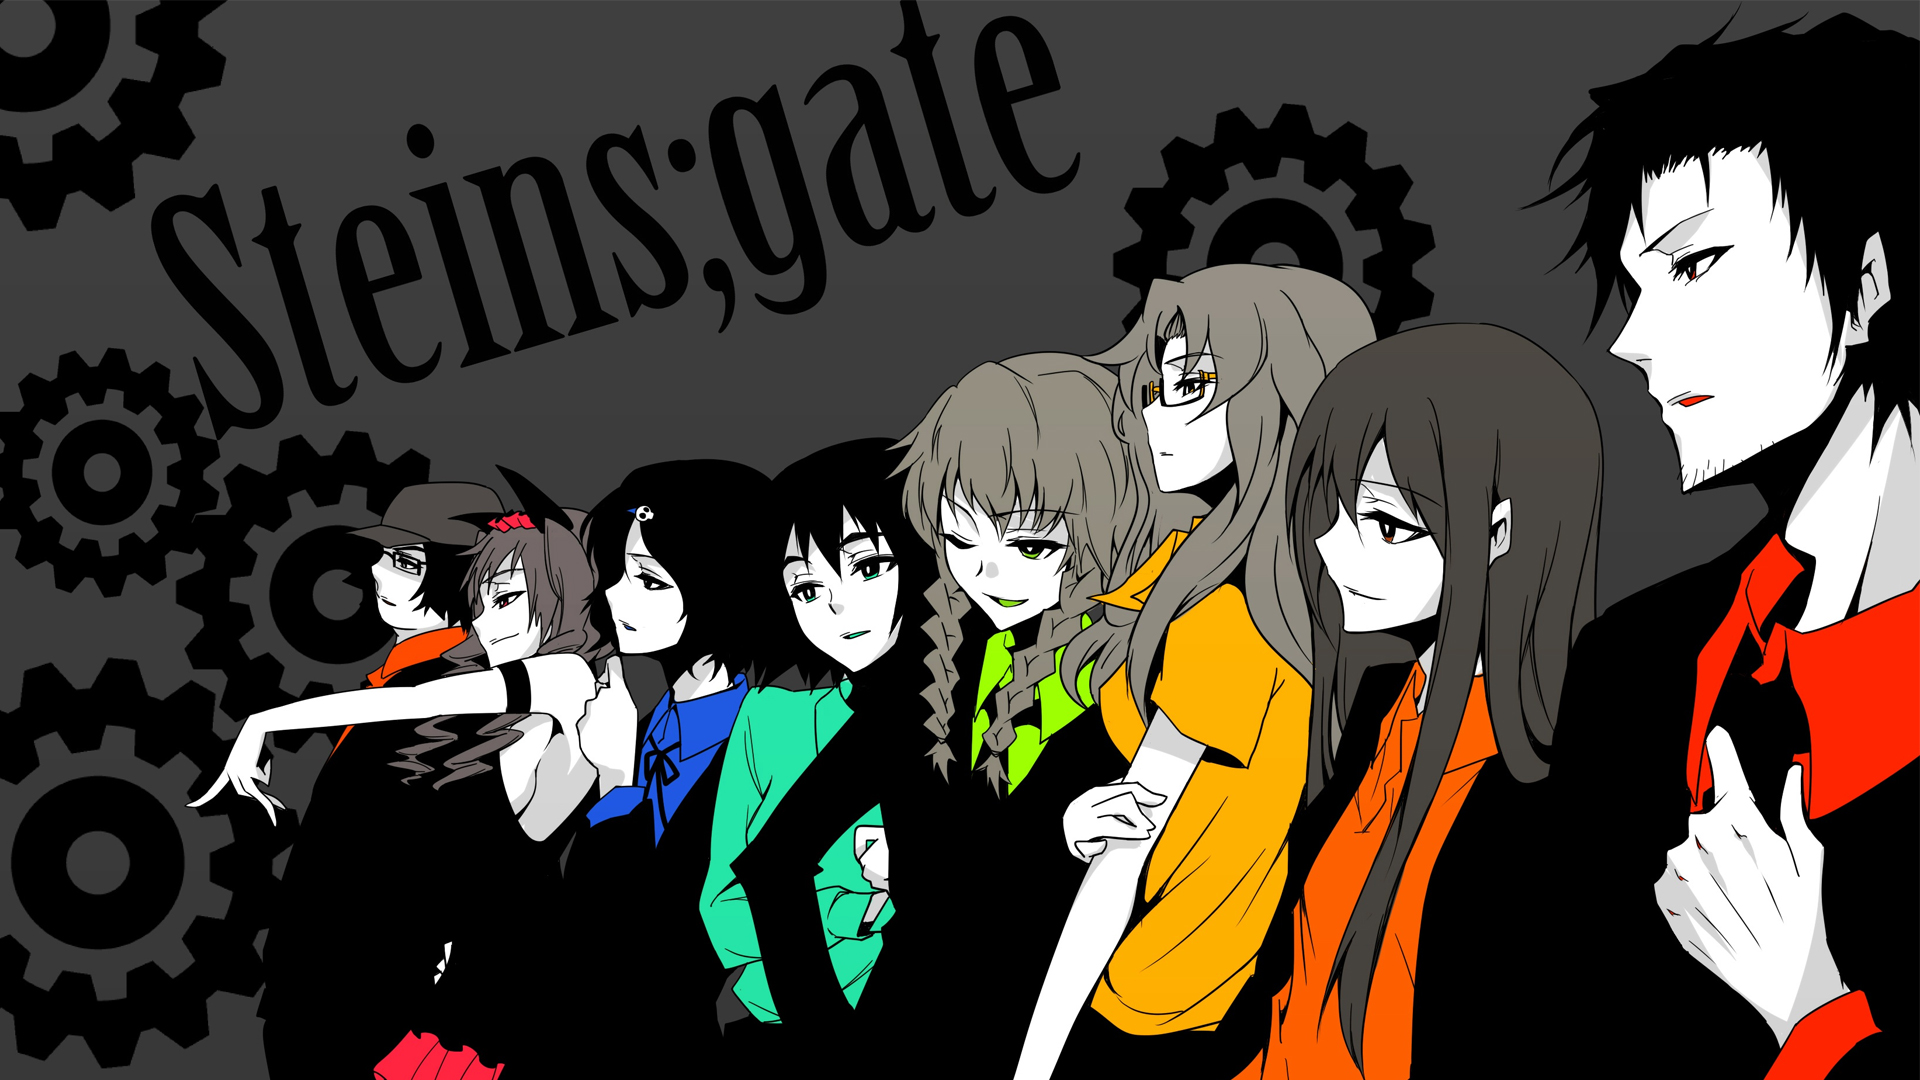 Anime Steins Gate Wallpaper 1920x1080 Anime Steins Gate 1920x1080